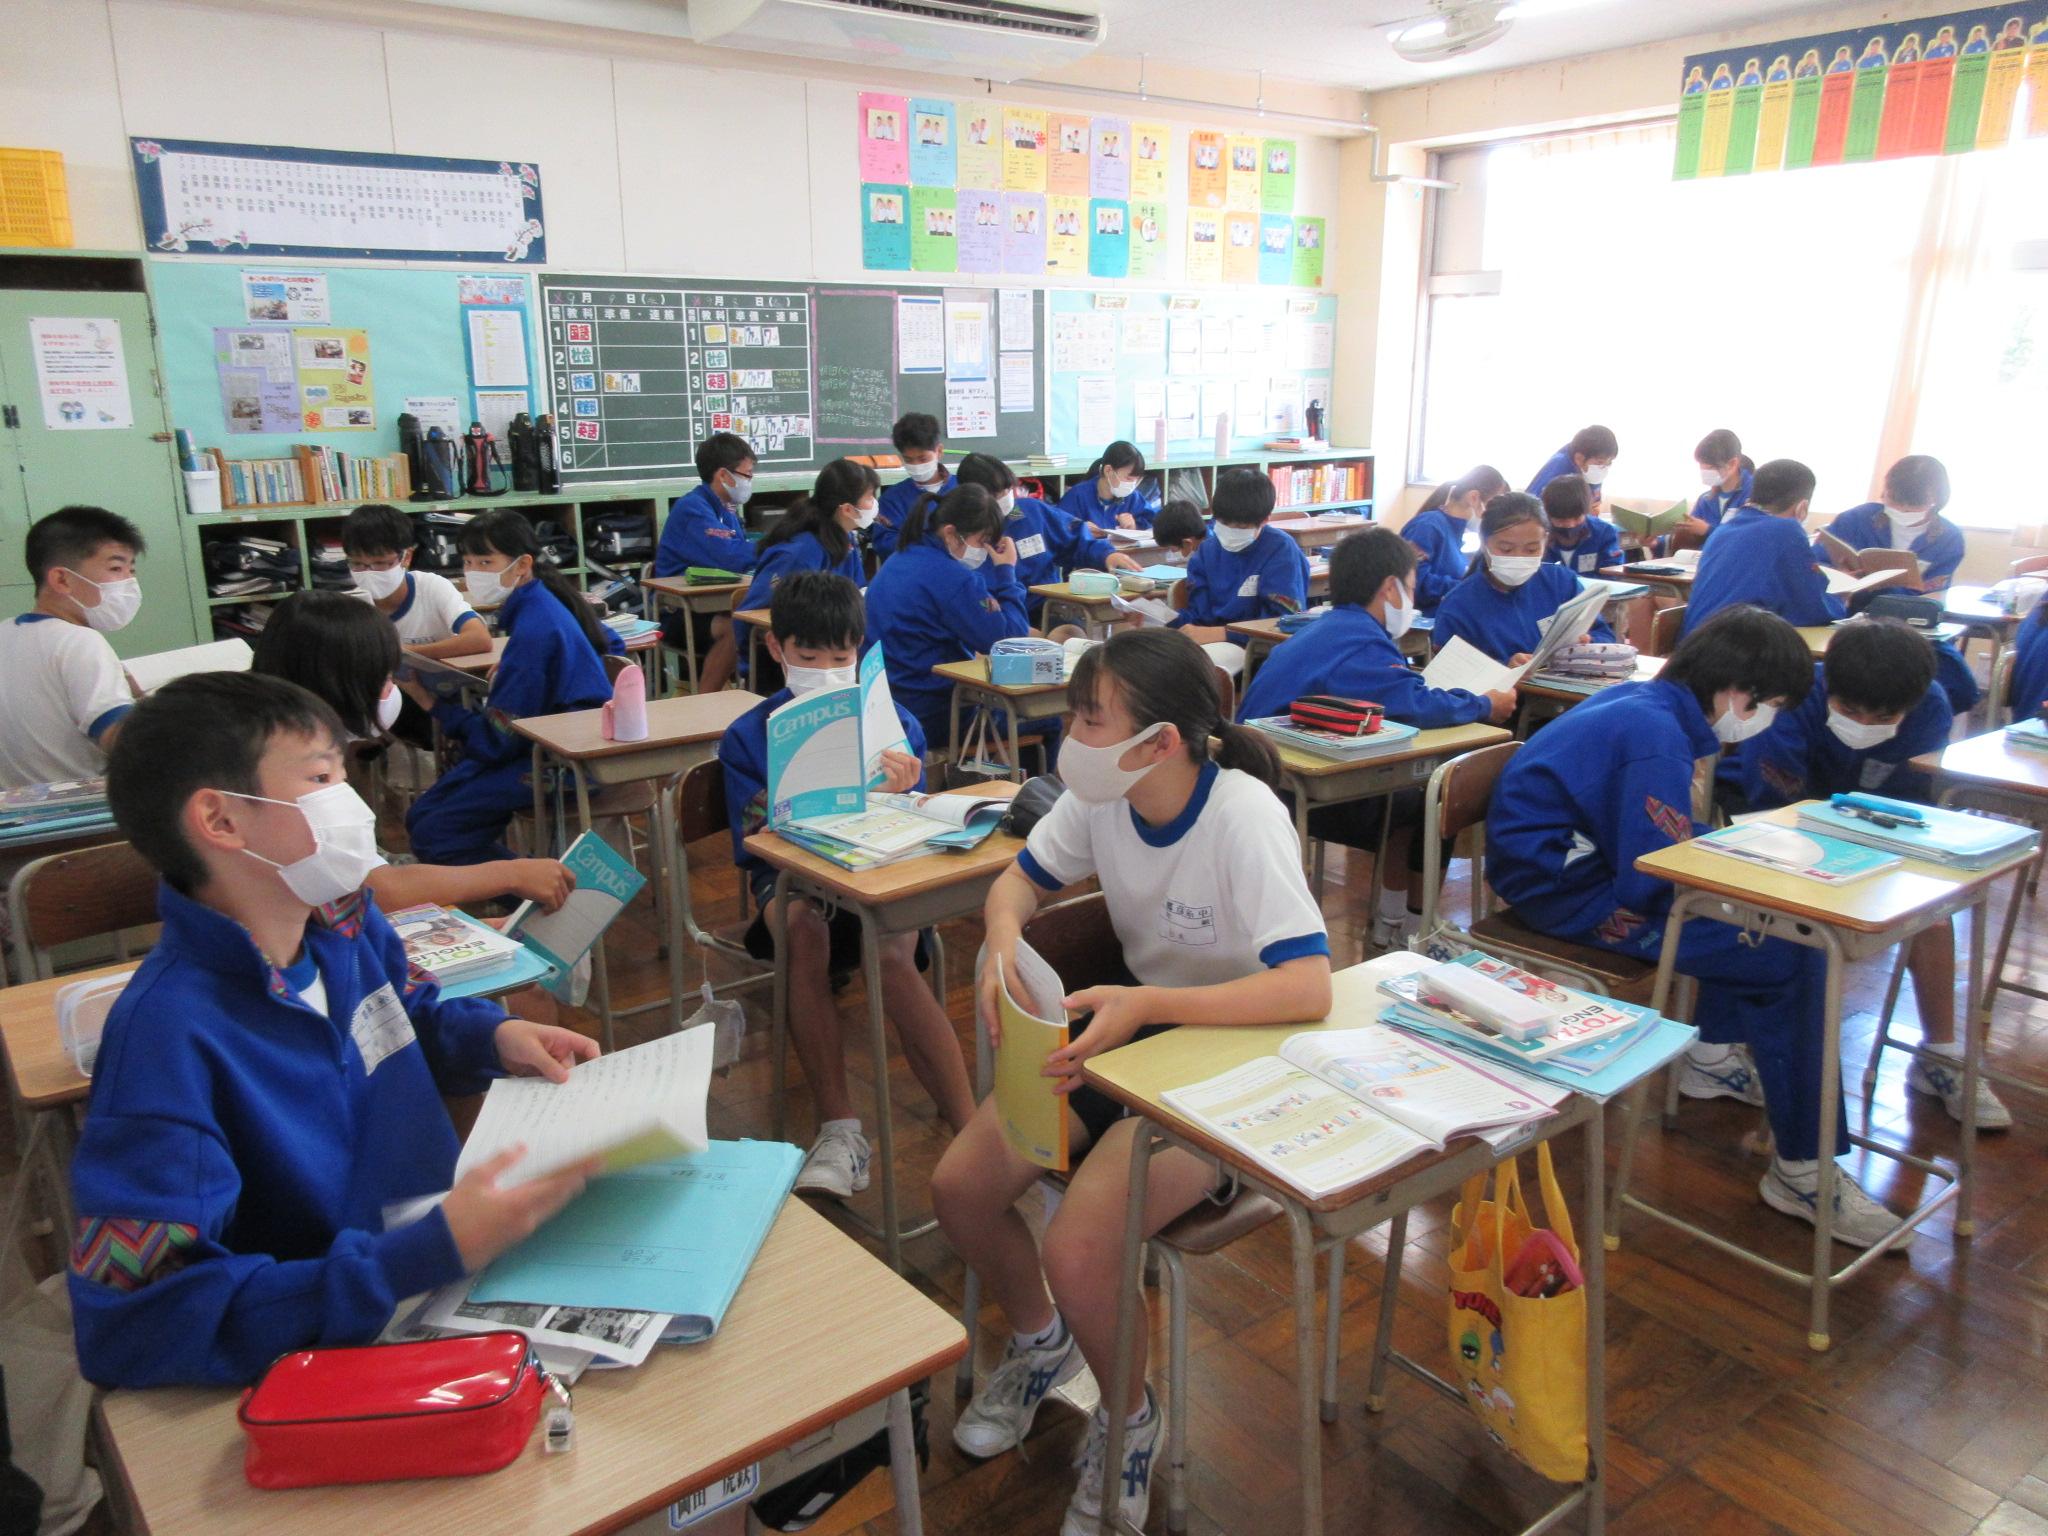 授業の様子三郷市立彦糸中学校